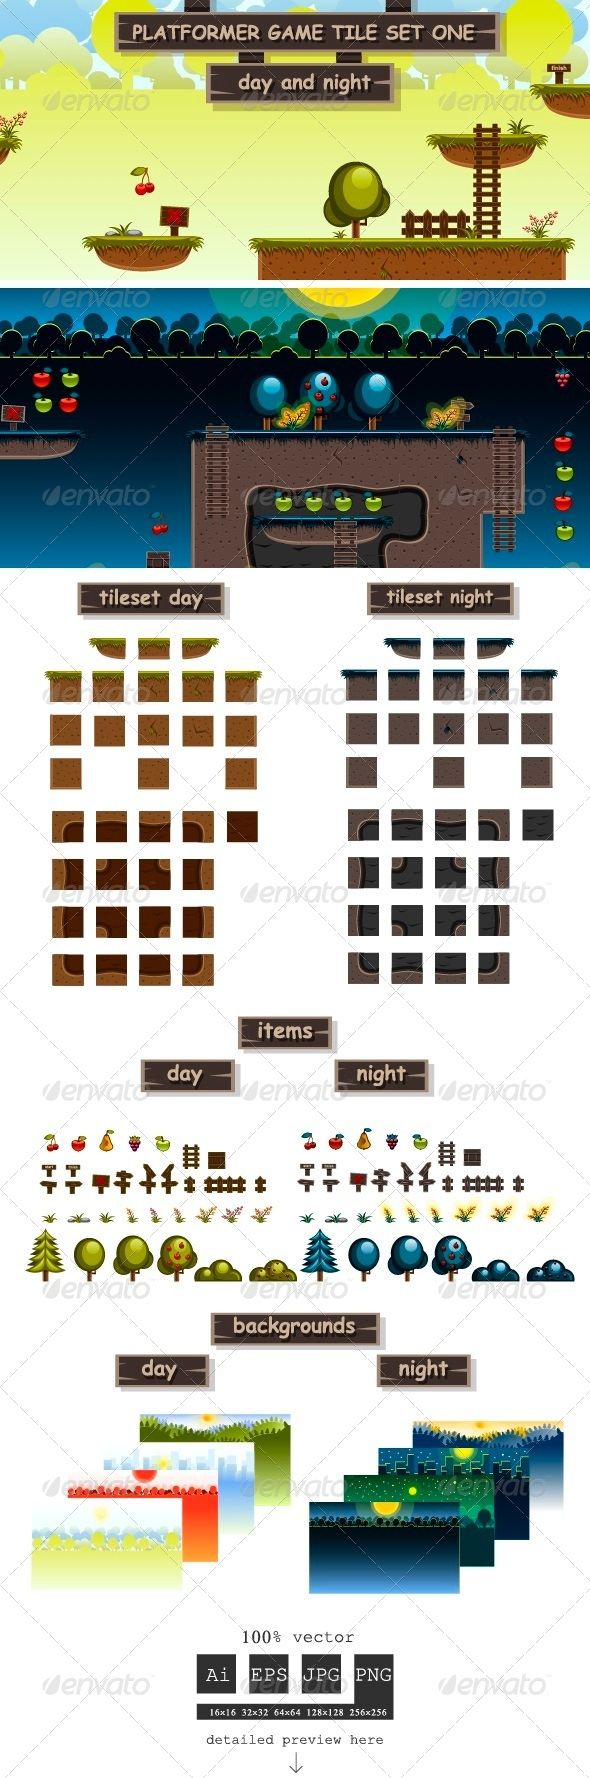 GraphicRiver Platformer Game Tile Set One 5804462